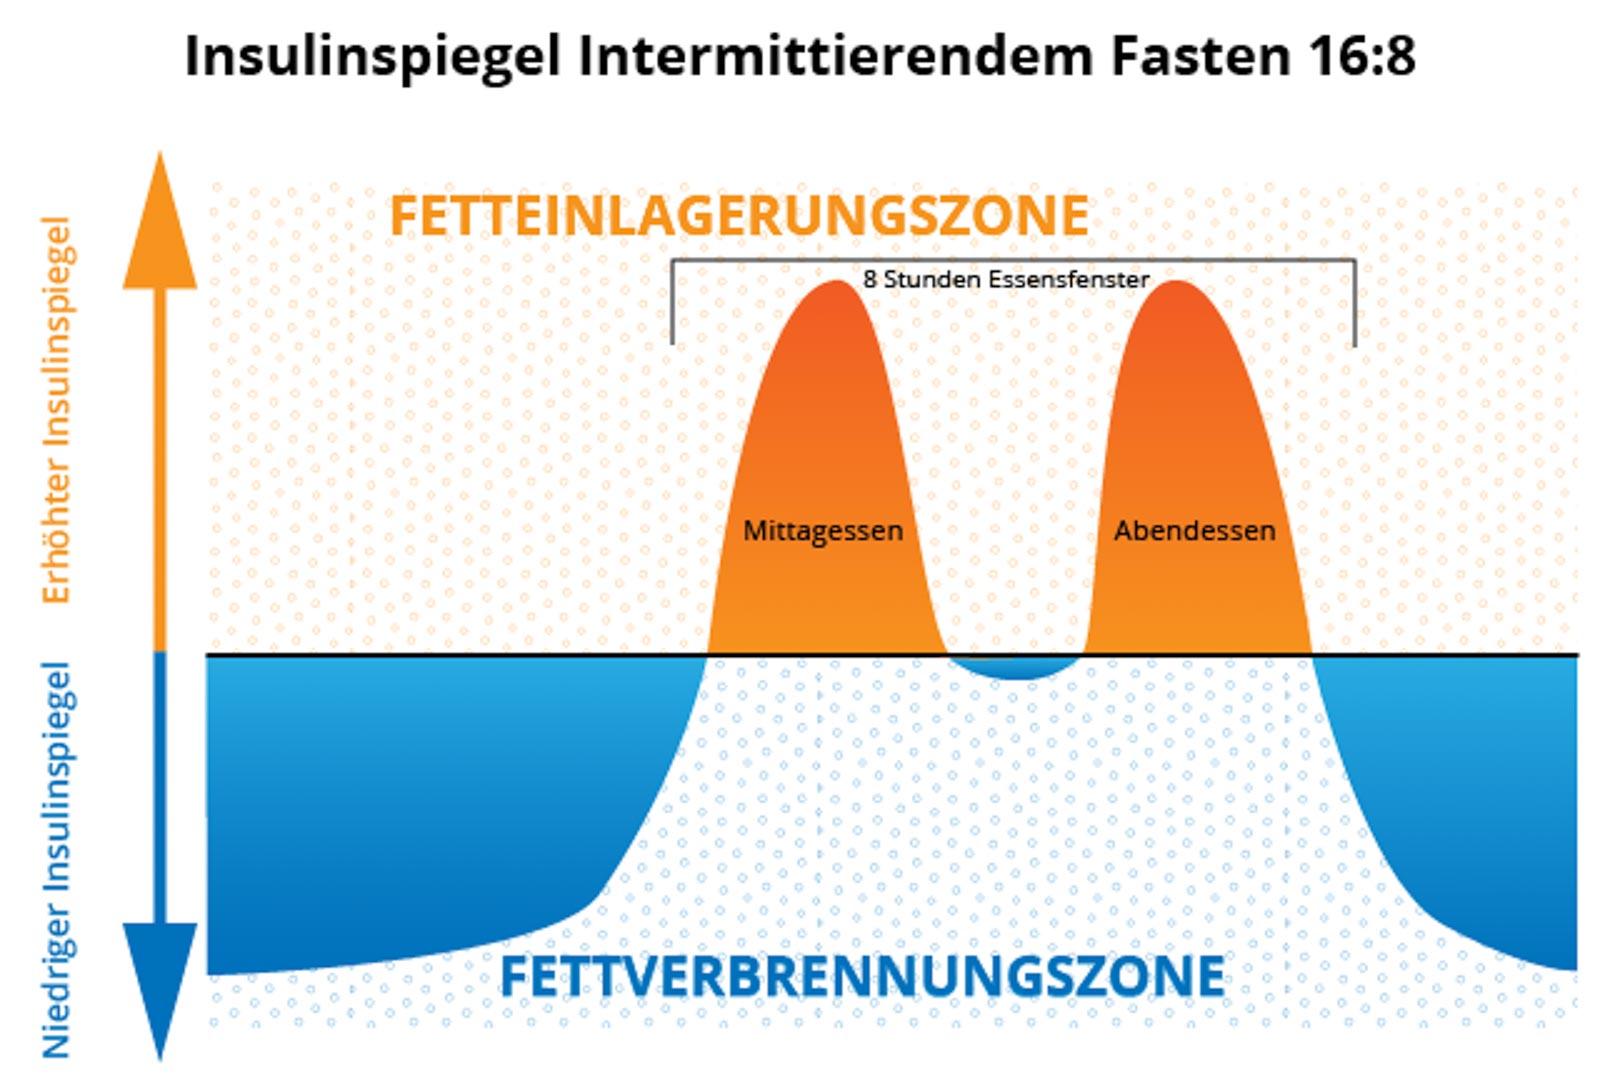 Insulinspiegel bei IF 16:8 - Die Grafik ist nicht exakt und dient nur der Veranschaulichung